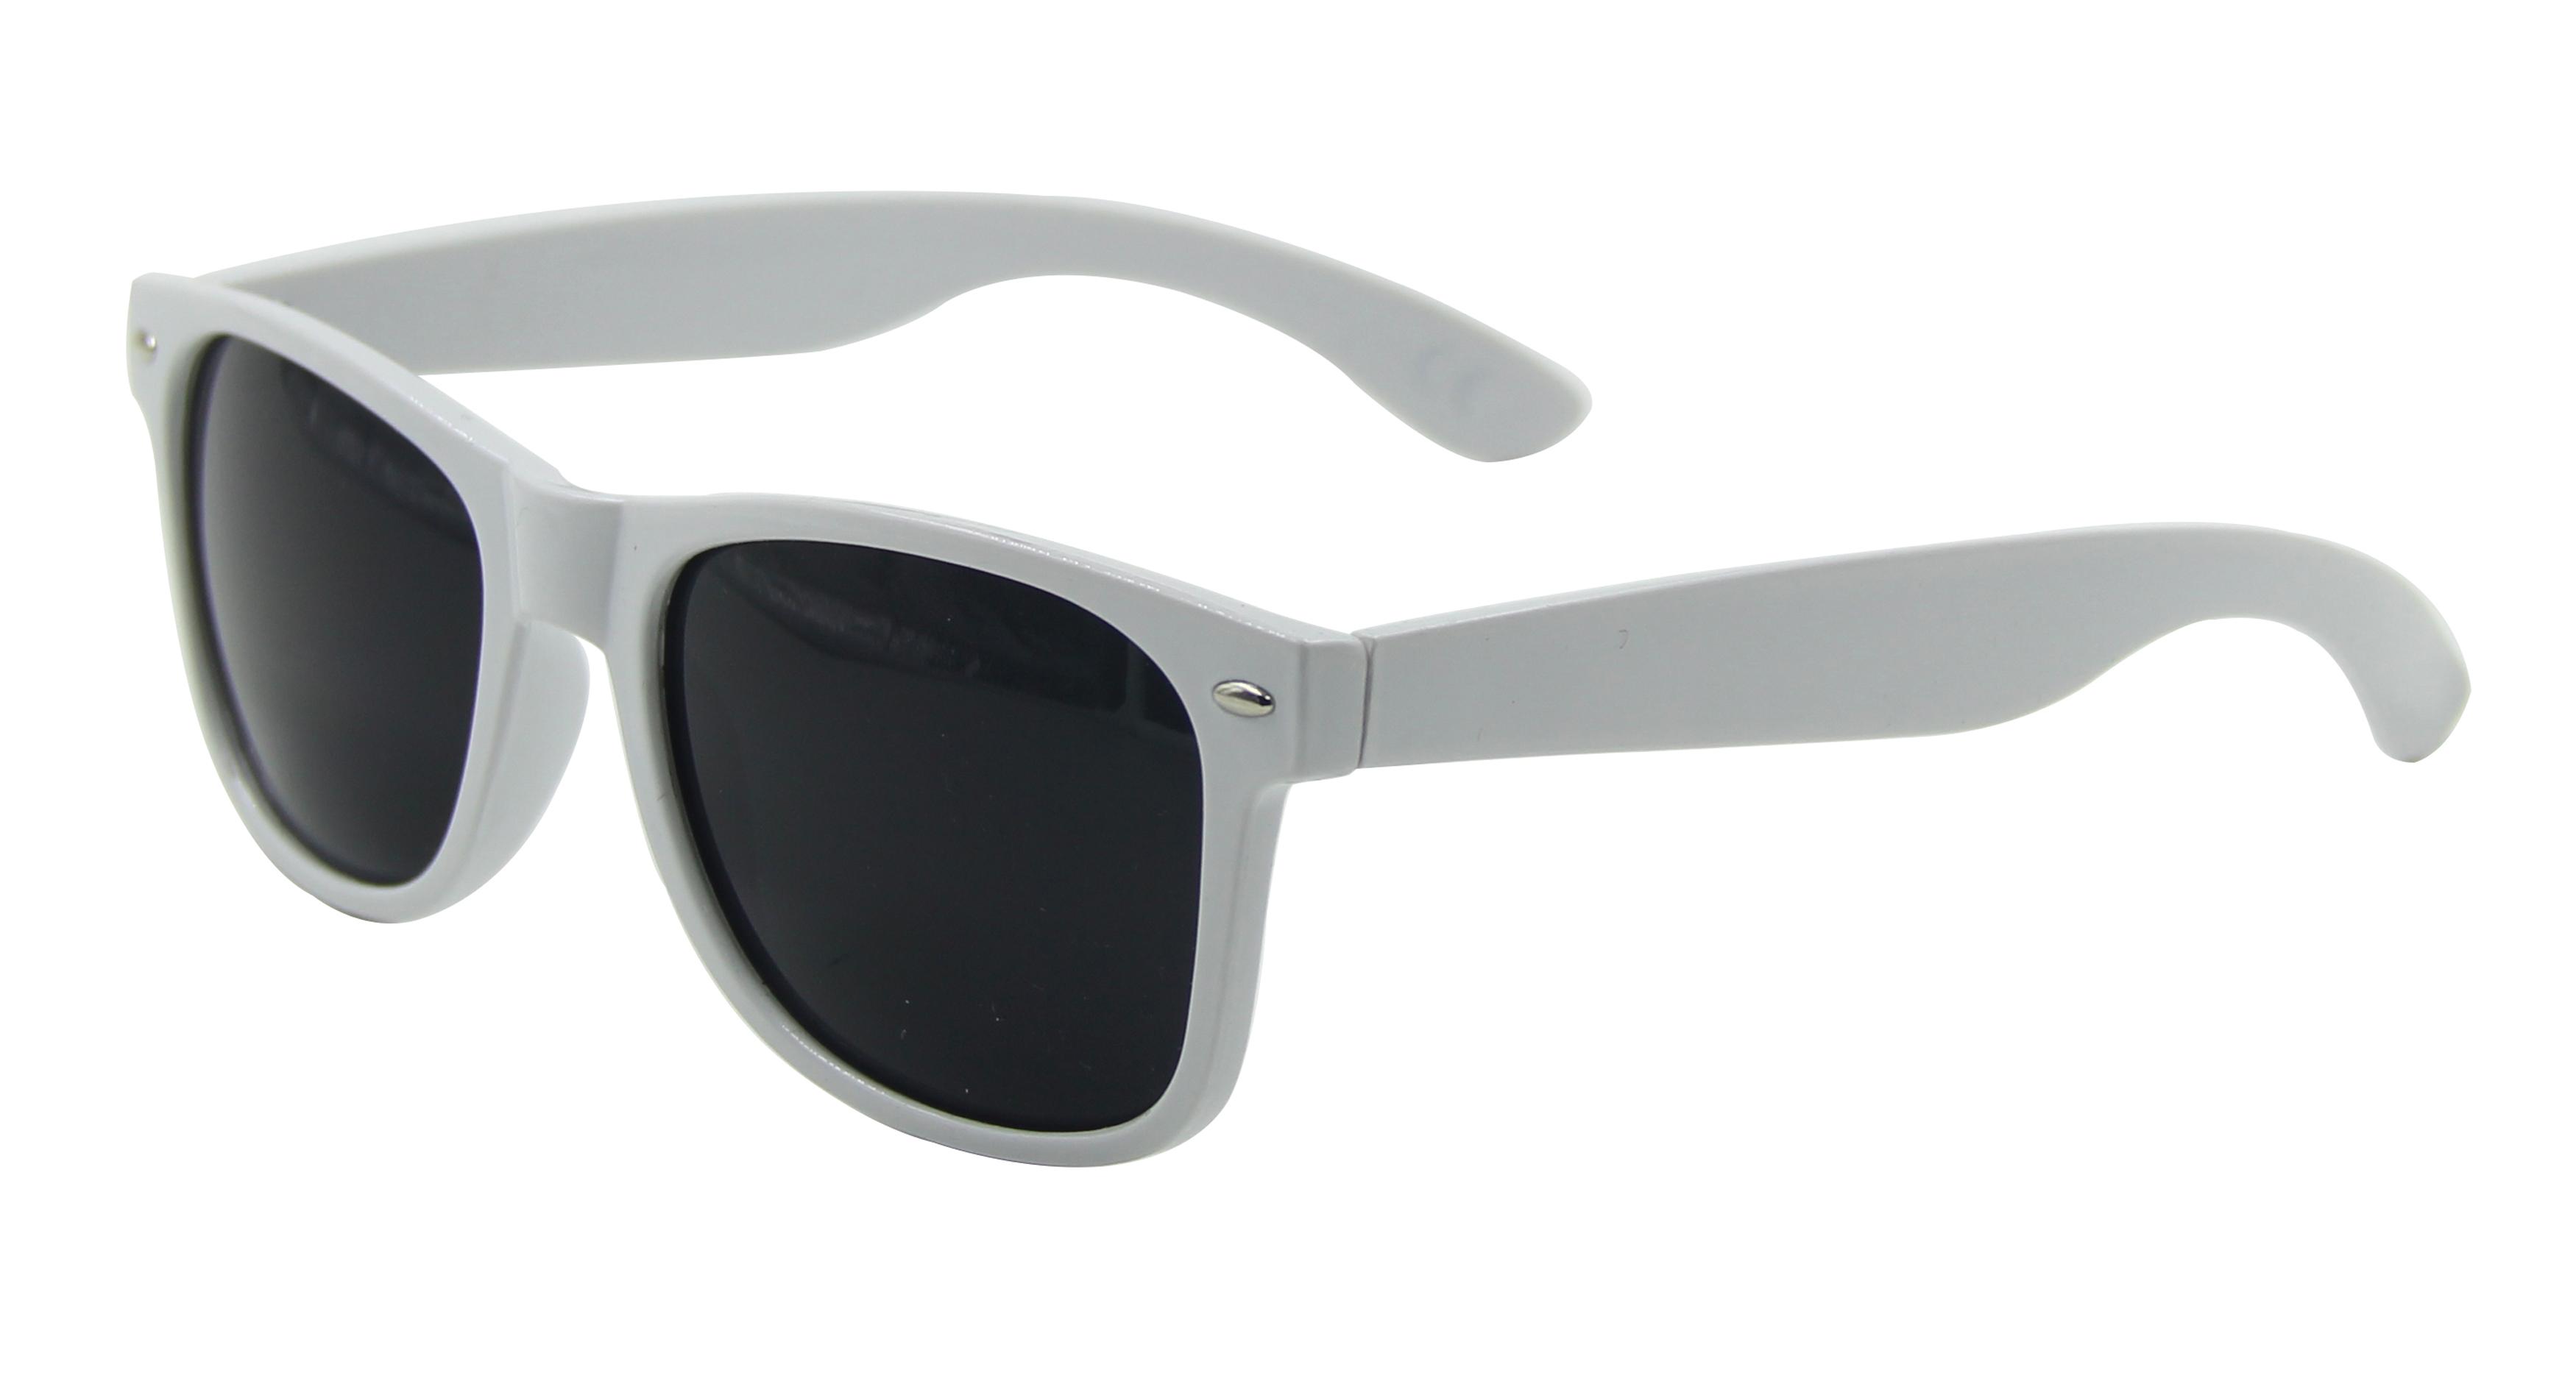 2ee8730e2f6 Details about Sunglasses Men s Ladies Unisex Classic Sunglasses Vintage  Retro Designer UV400